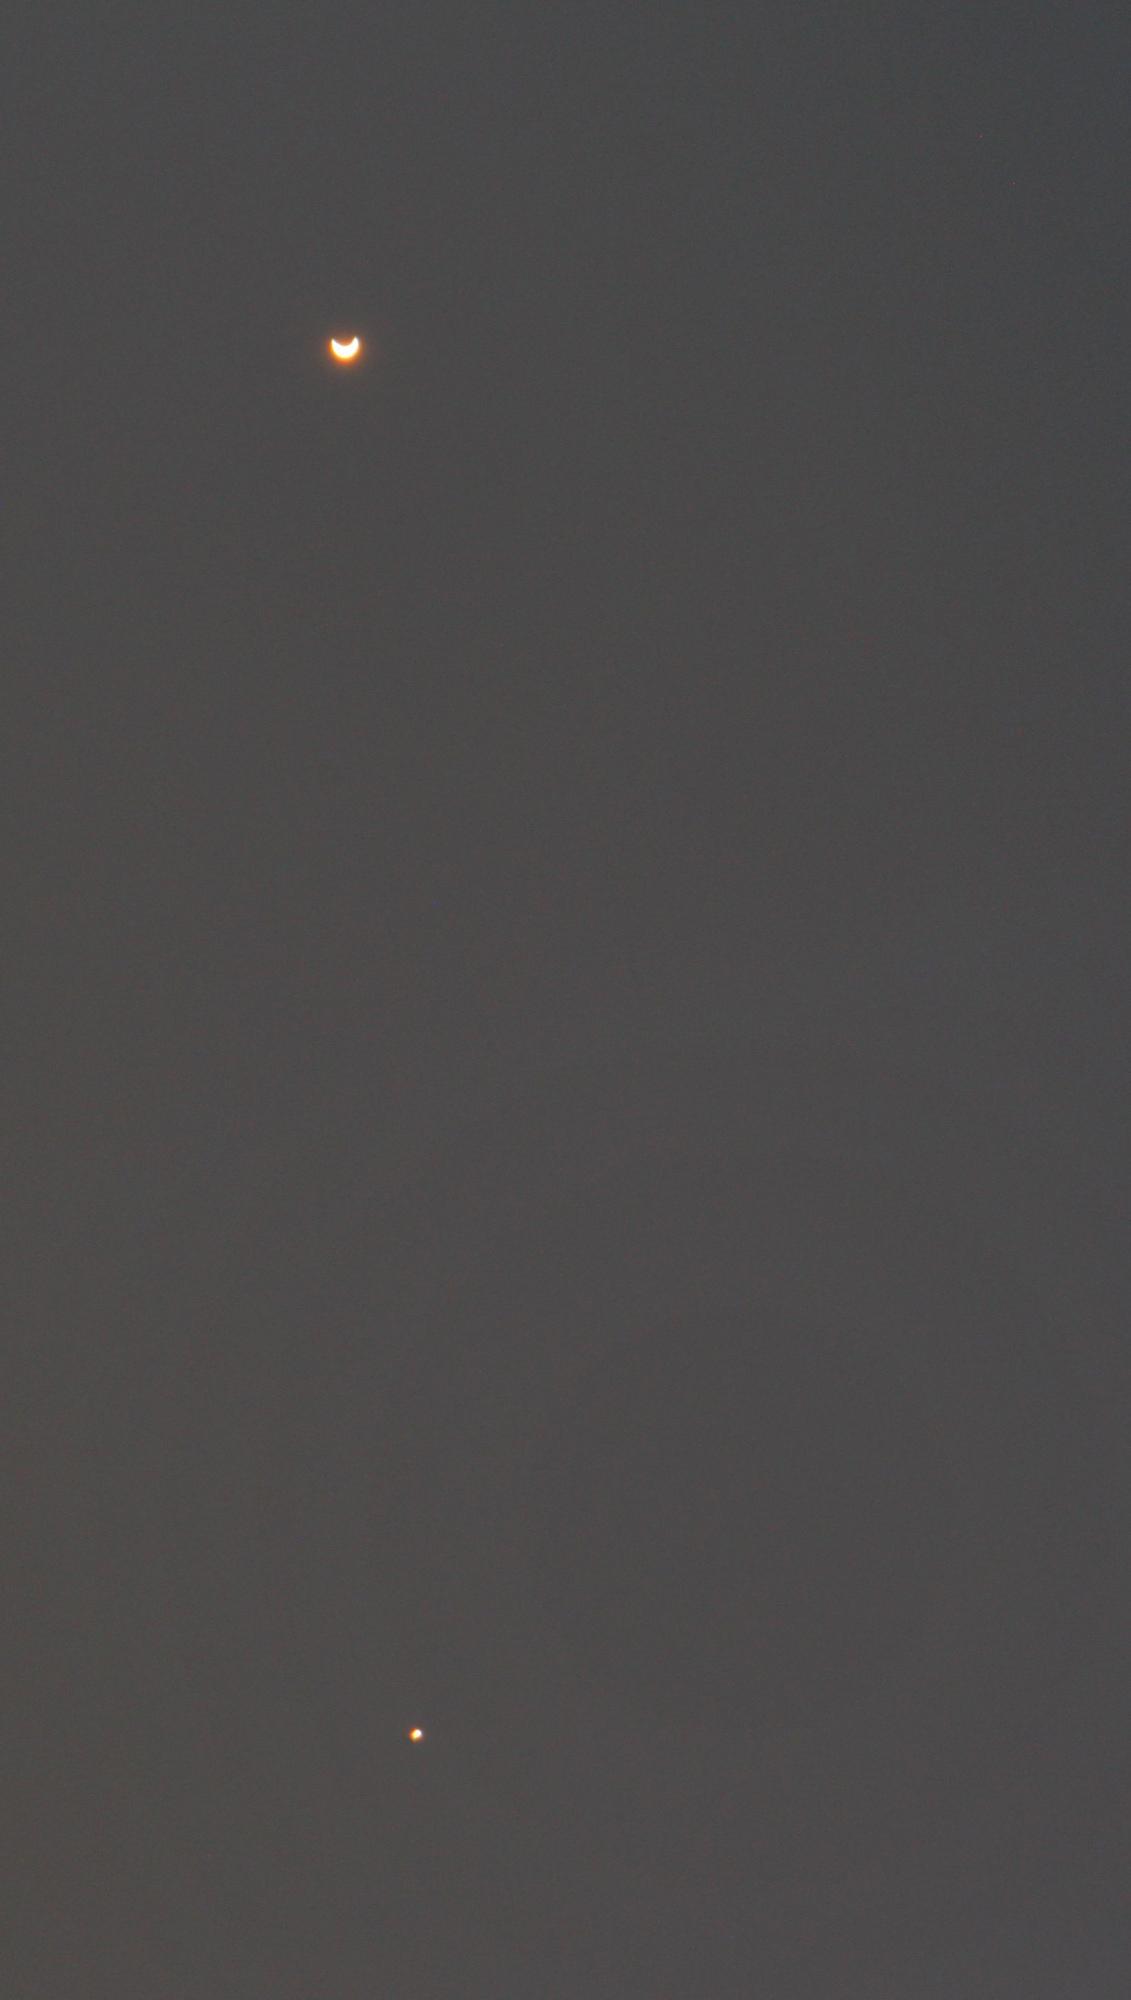 VENUS MERCURE CONJ 210520 (4).jpg